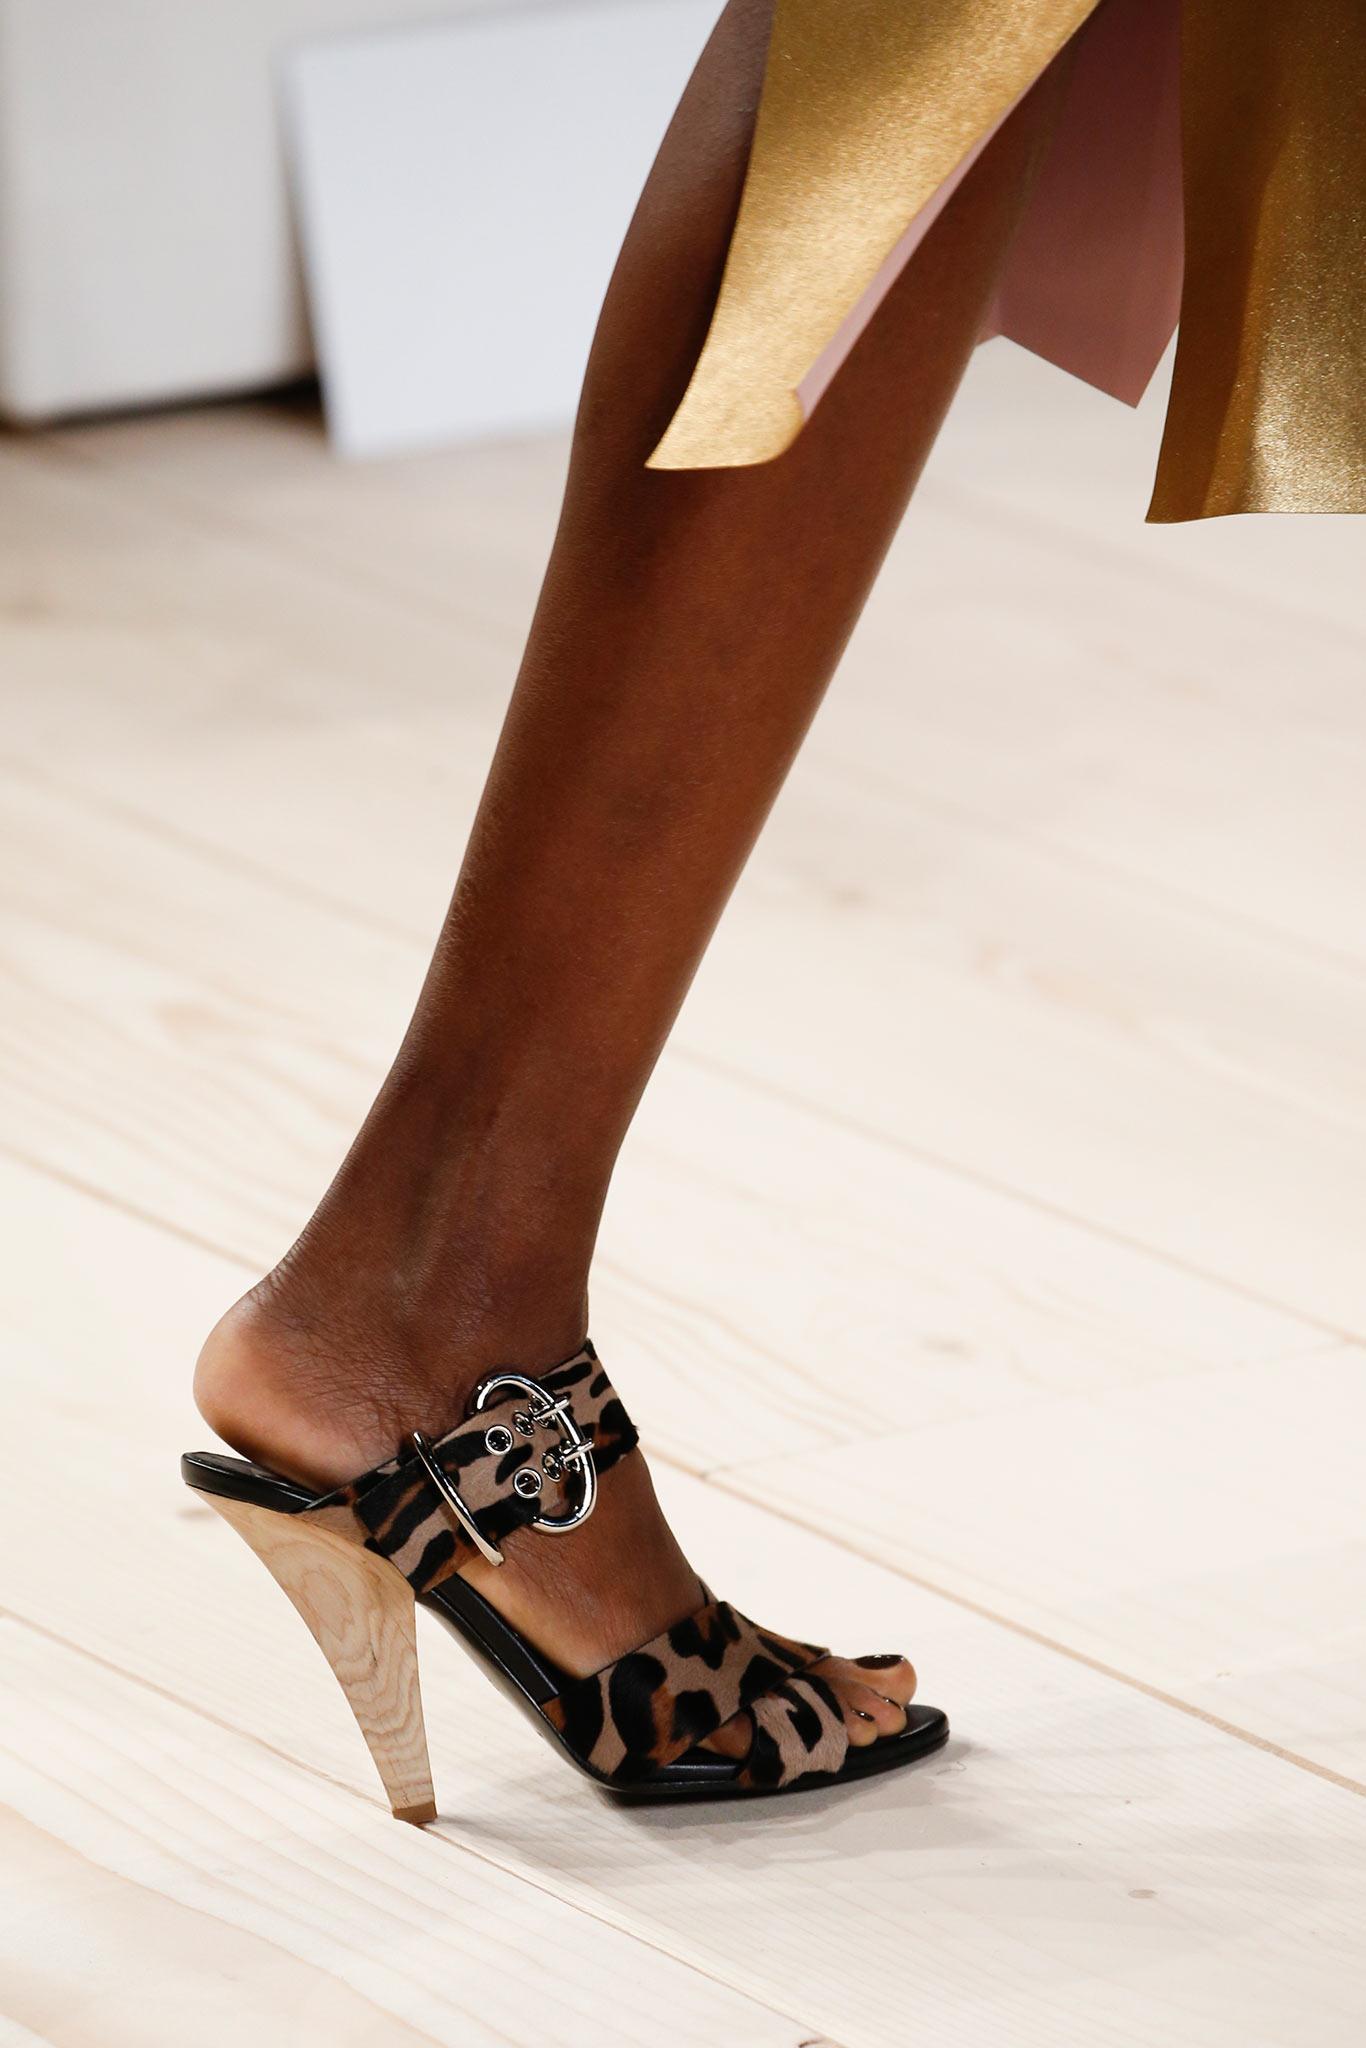 Nina Ricci - Verão 2015 foto: style.com